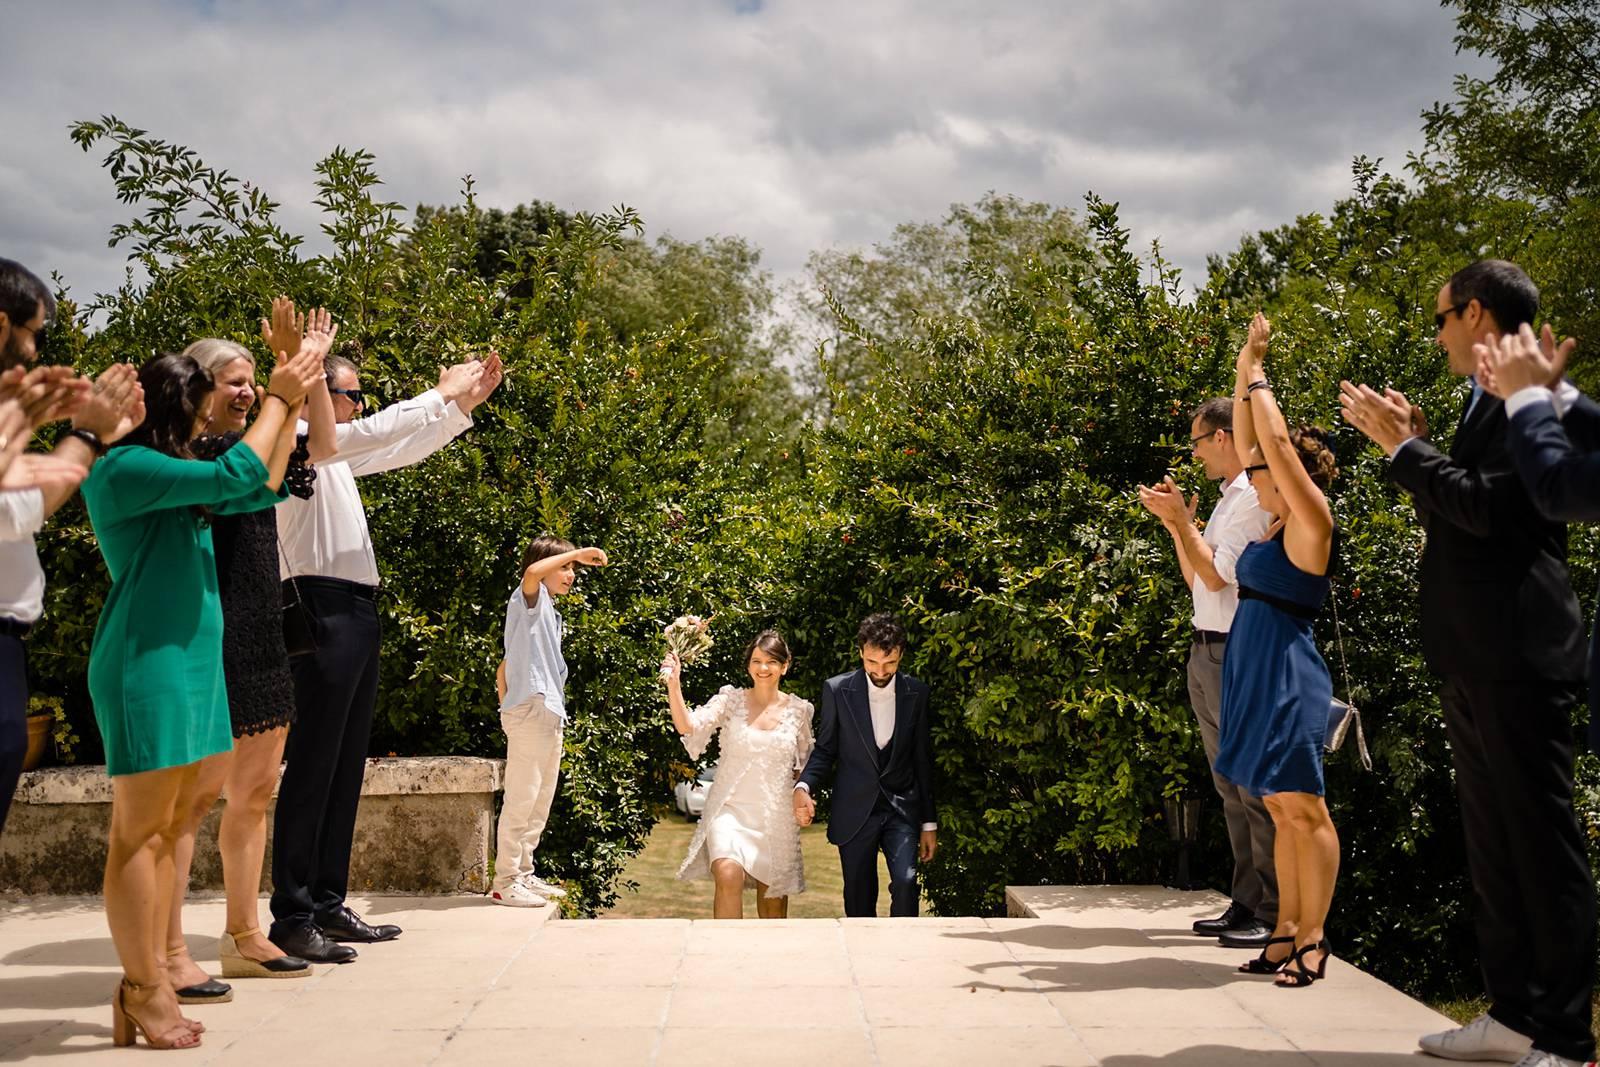 Le mariage civil à vélo original et décalé, à Bordeaux centre et en Charentes sous une tente sketch, de Pierre et Isabelle. Photographe mariage Charentes.